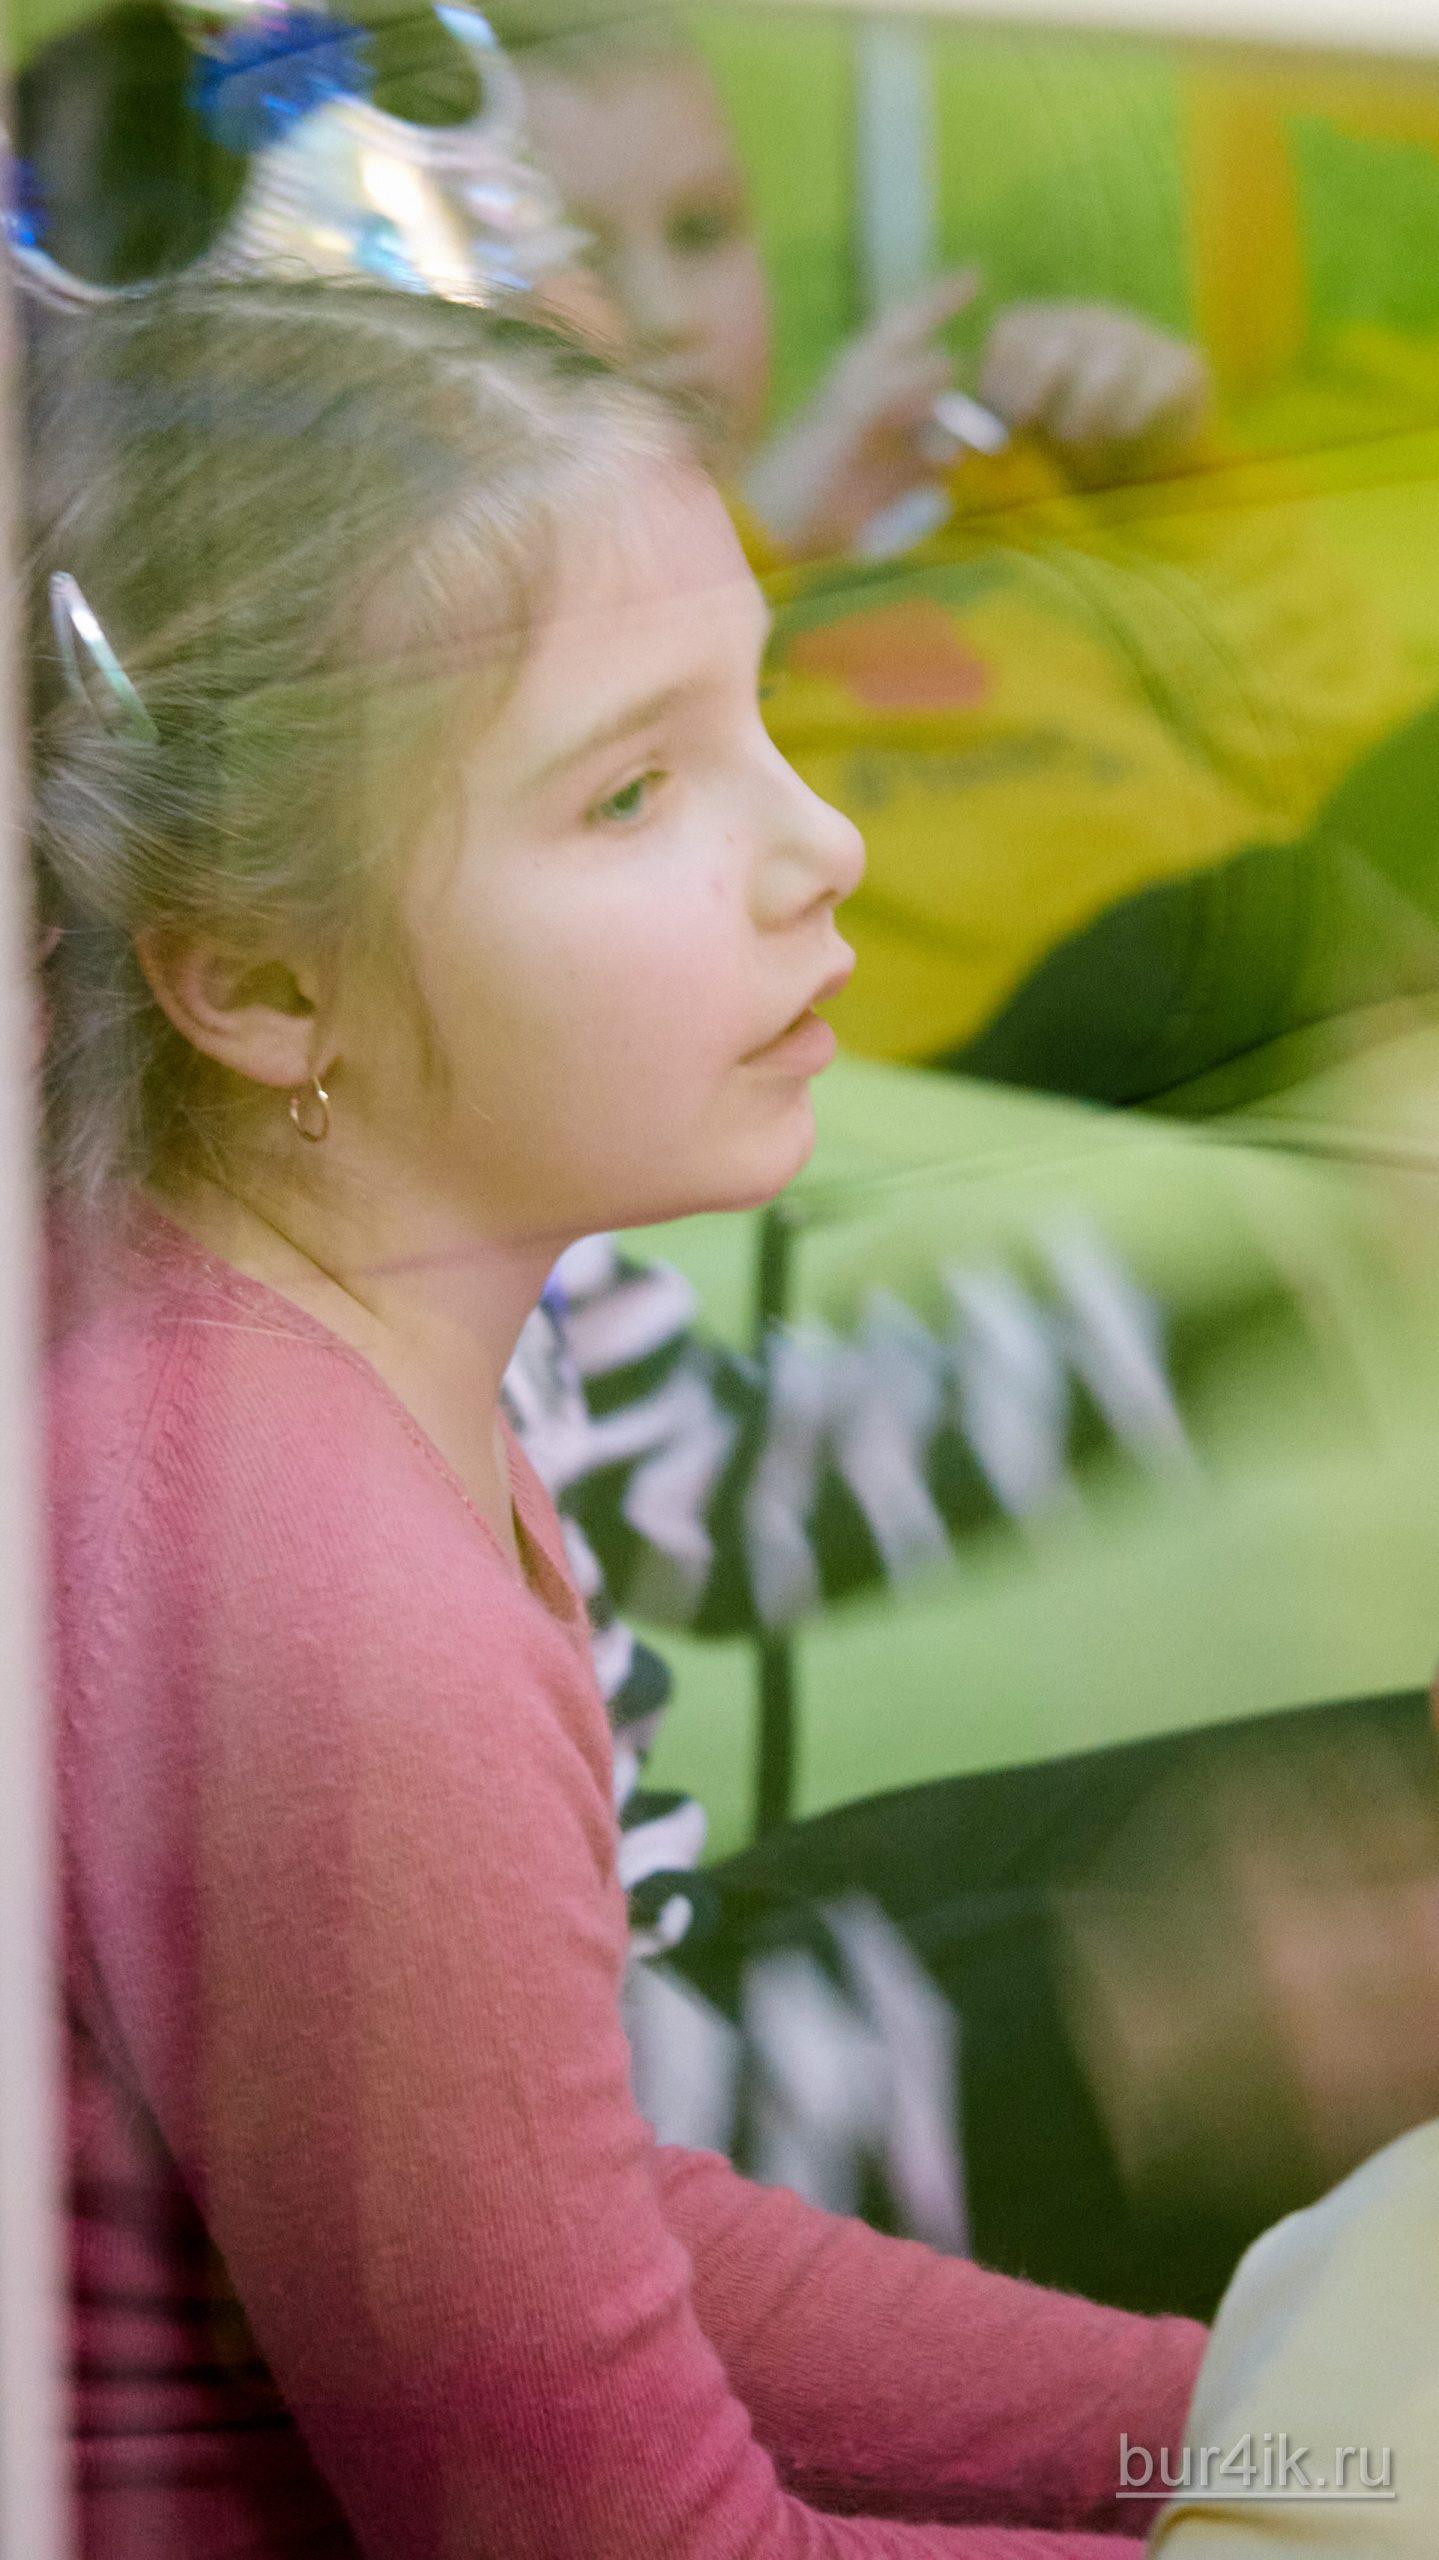 Фото Детское День Рождения в Детский Дворик 15.01.2020 №148 -photo- bur4ik.ru